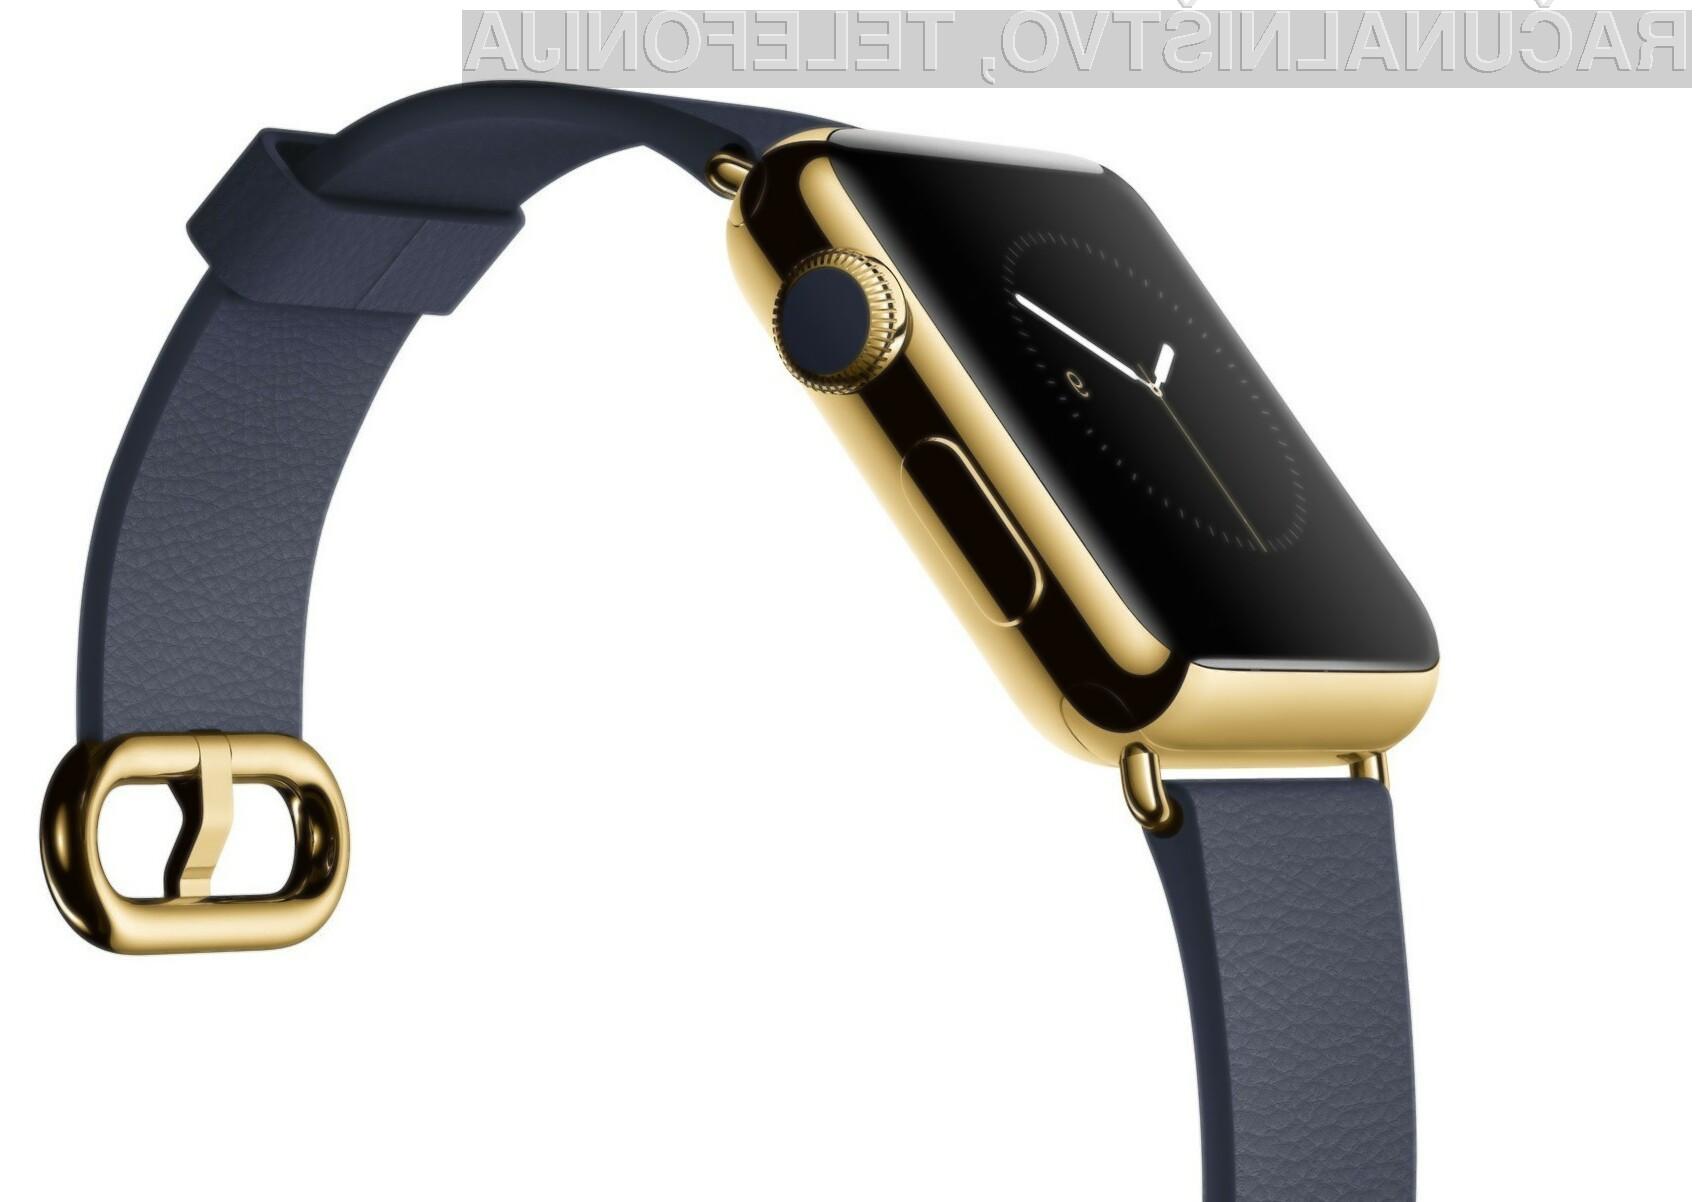 Applu trenutno povpraševanje po pametni ročni uri Watch ni po godu!